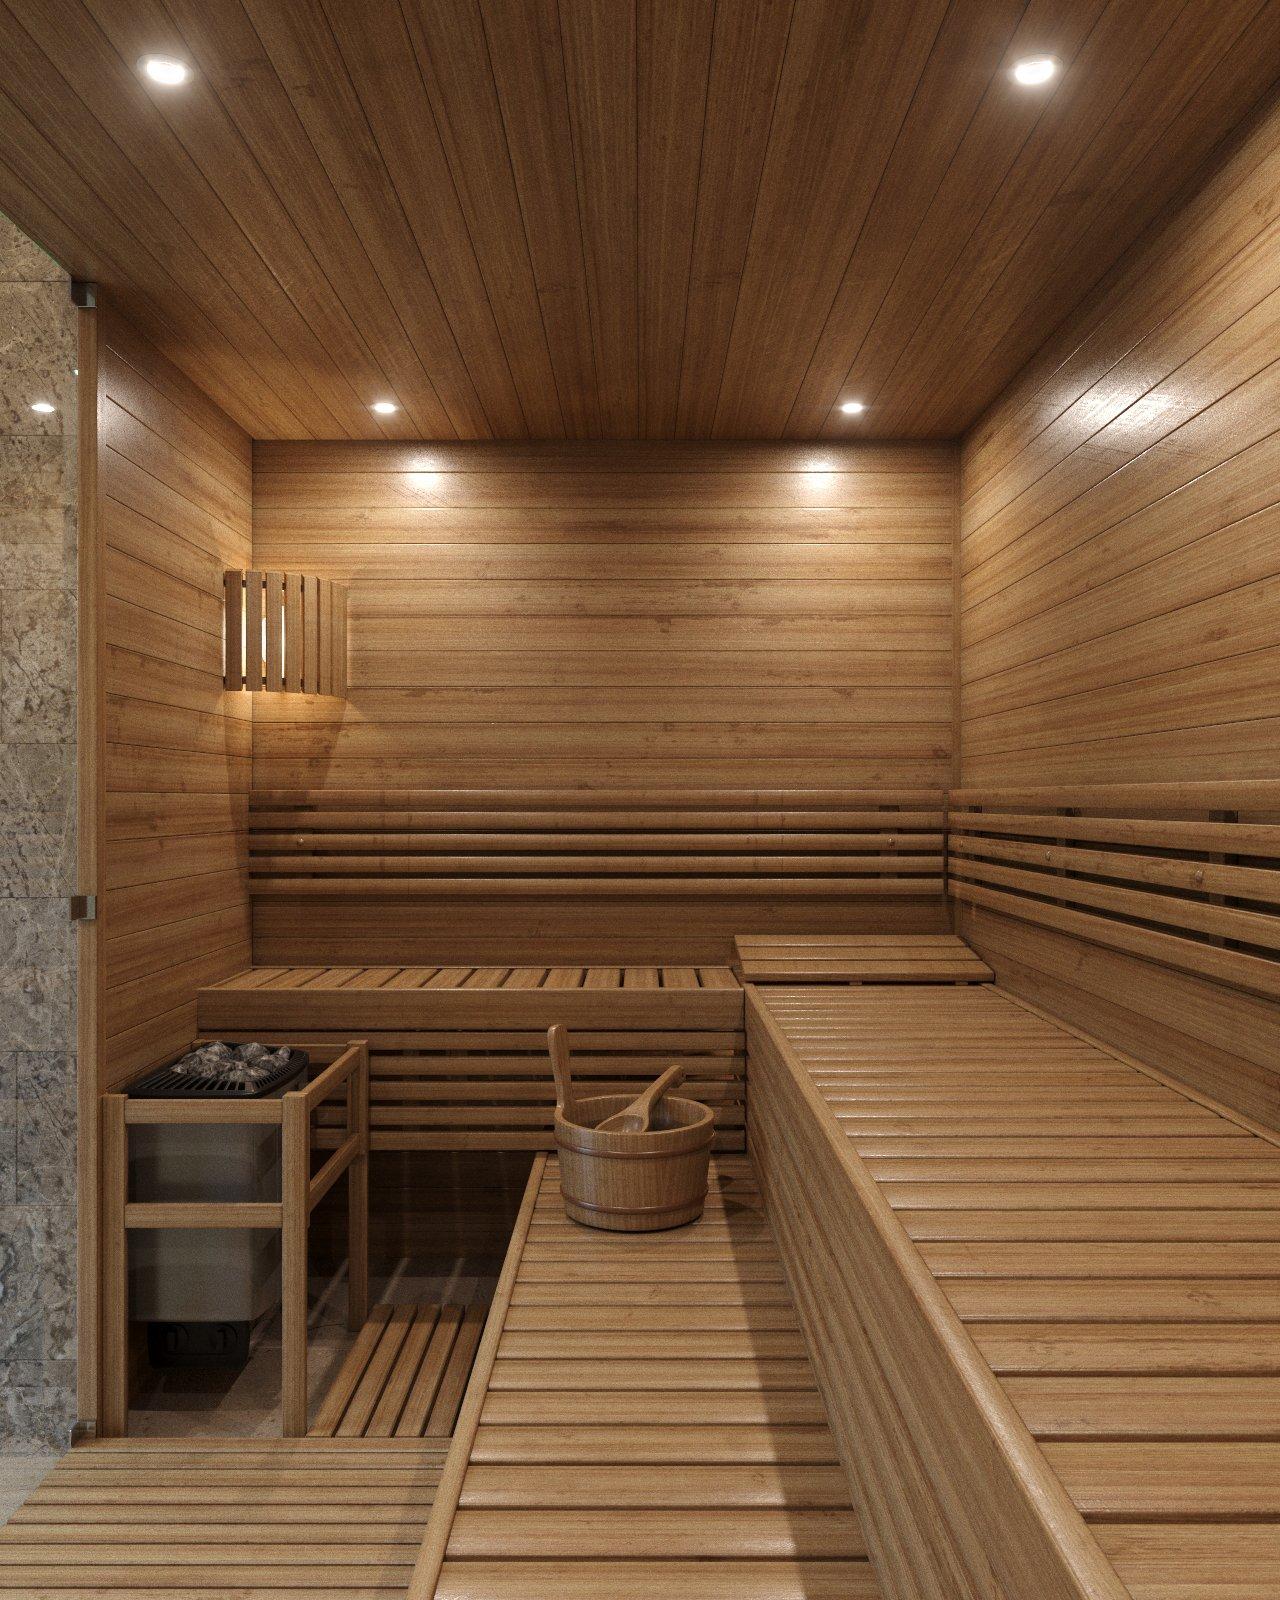 Внутренняя отделка бани: обустройство парилки и моечной внутри бань своими руками + фото